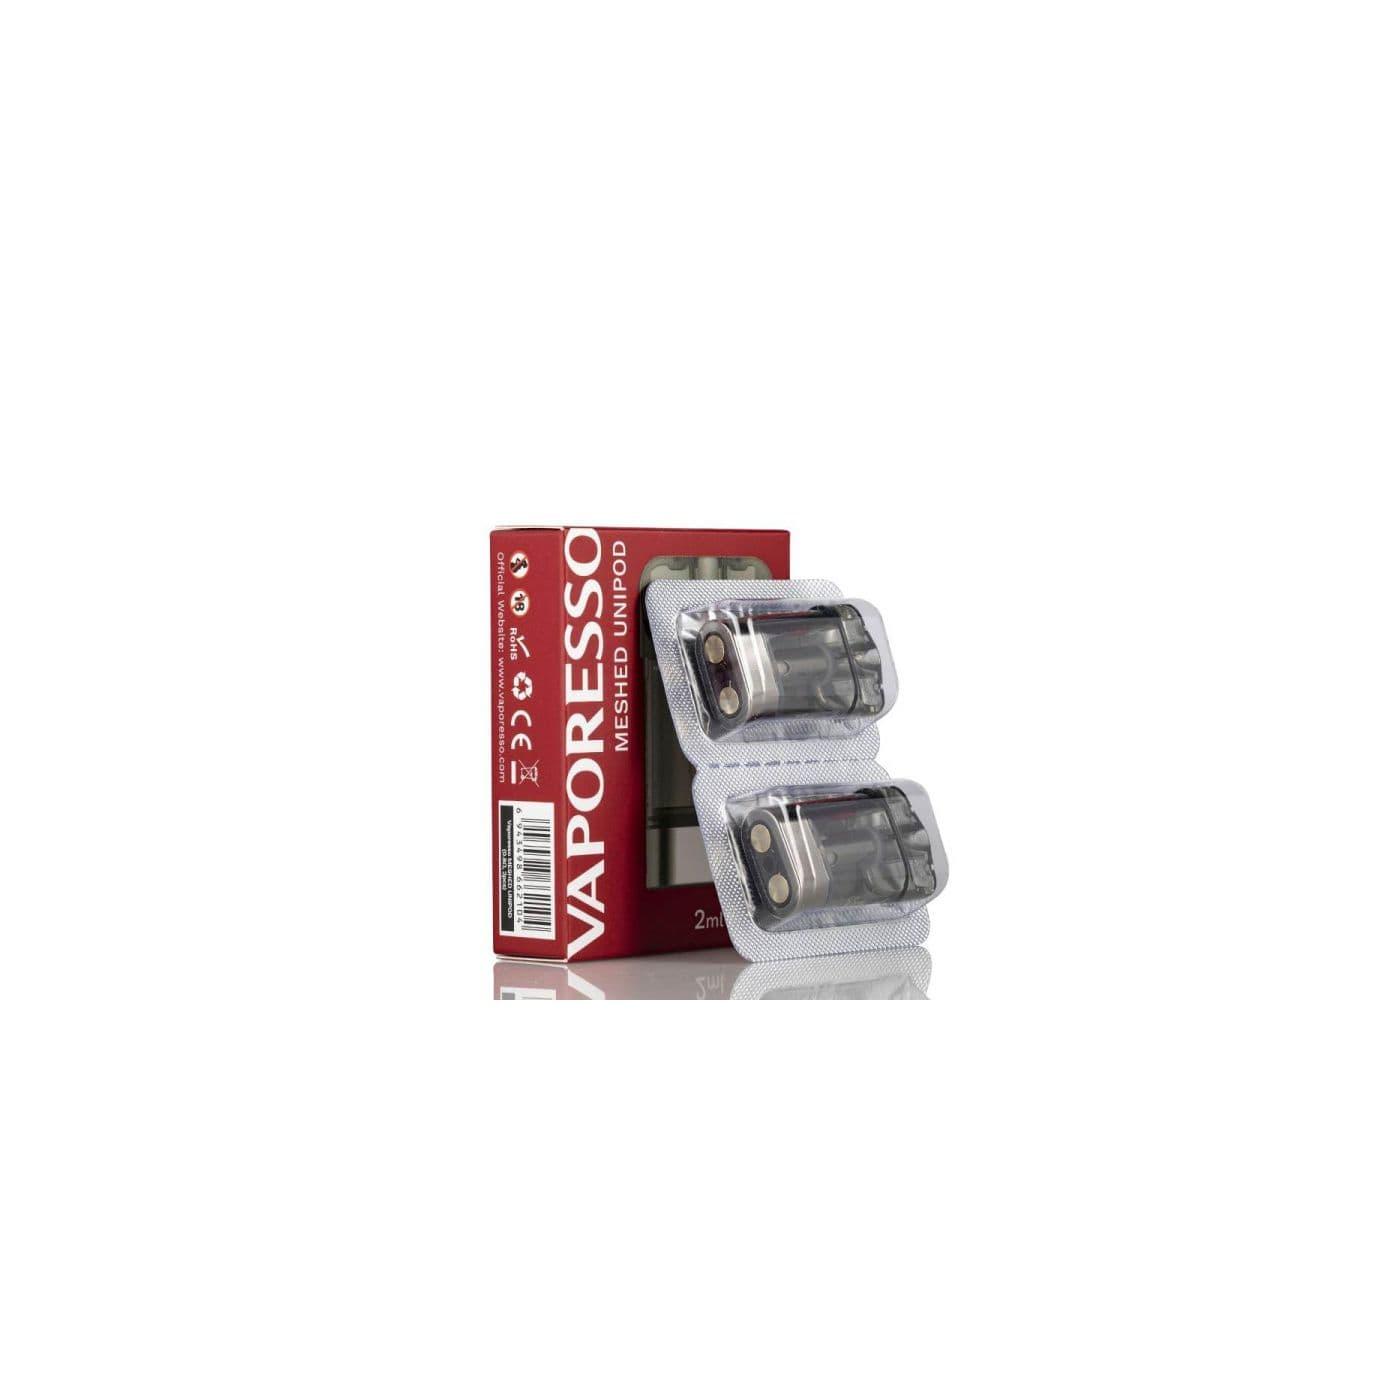 Vaporesso XTRA Meshed Uni Pod - 2 Pack